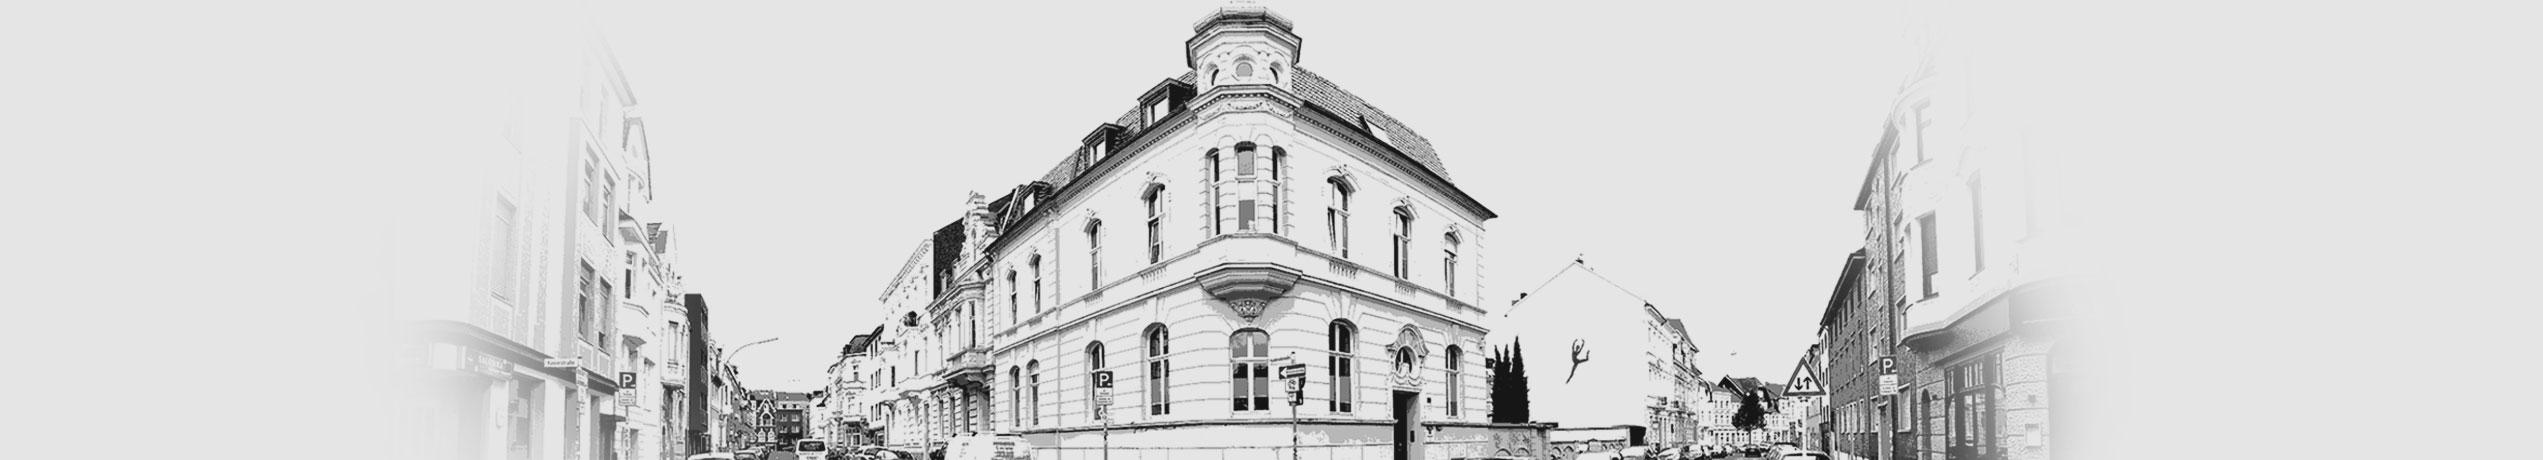 Steuerberater Keller, Muyres & Leuchtges Partnerschaft mbB